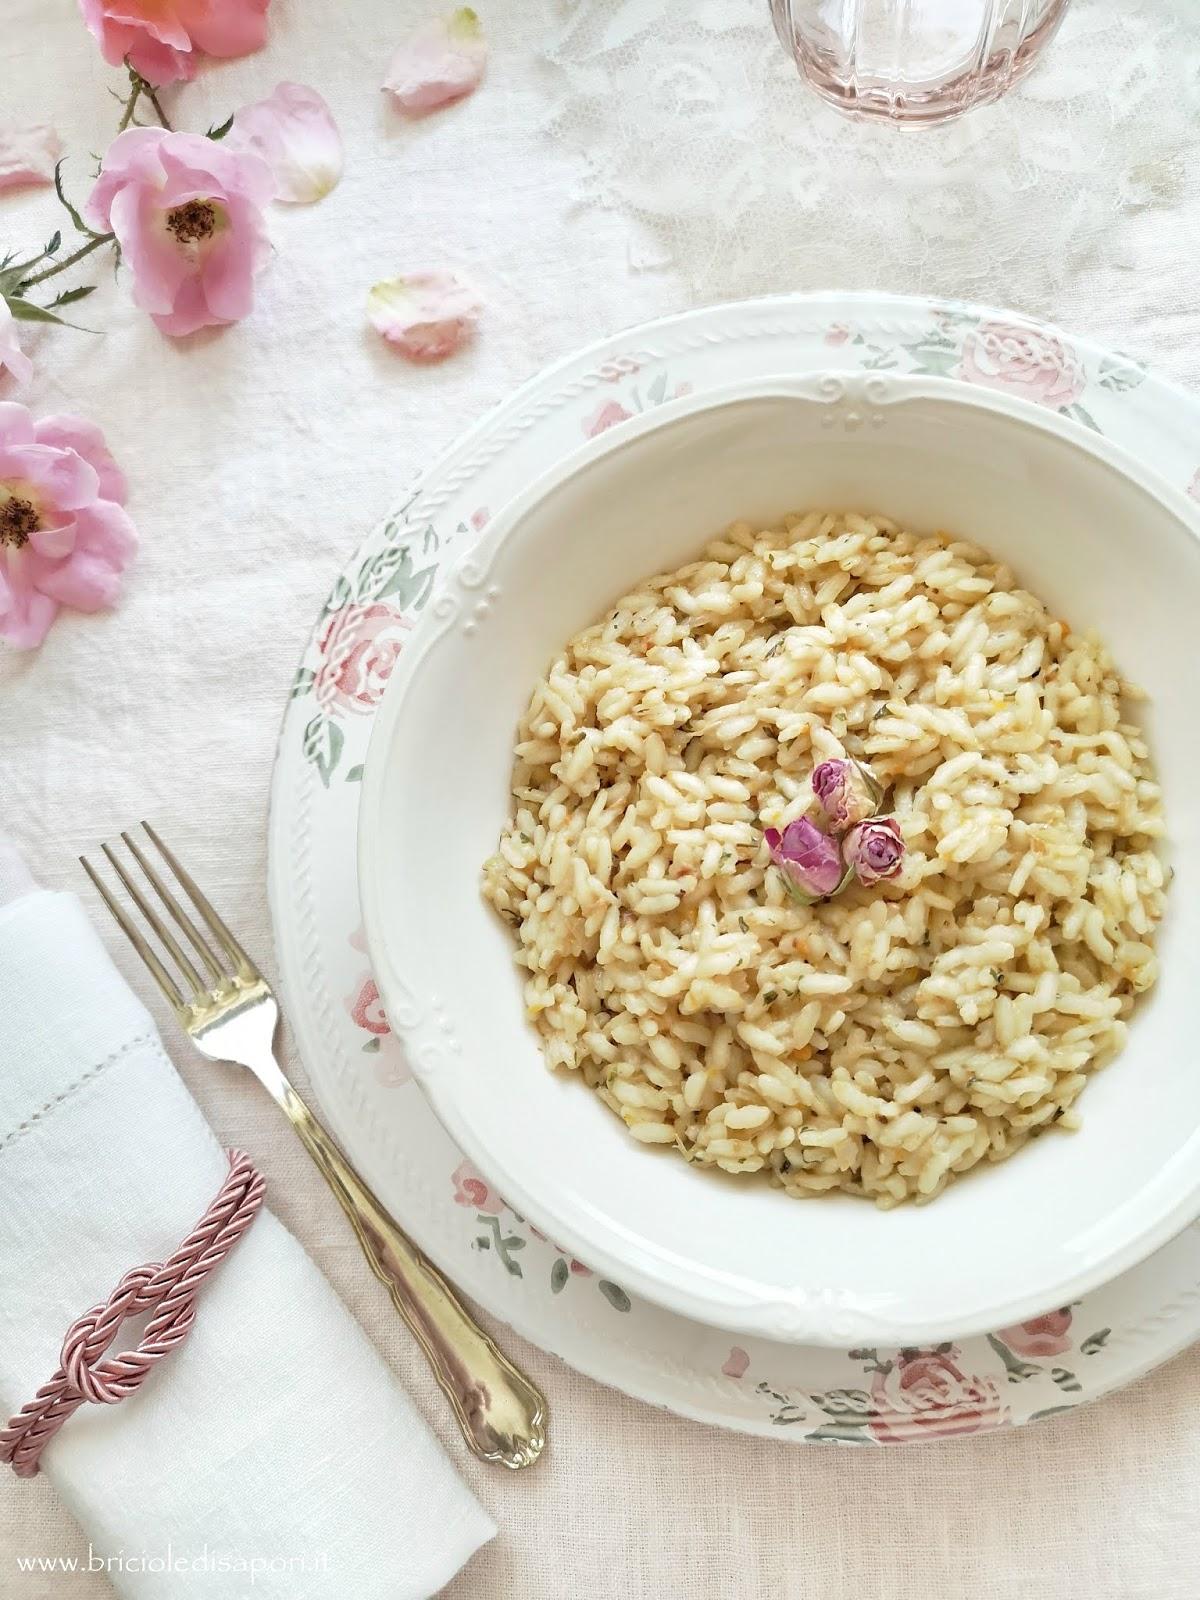 preparato per risotto alle rose